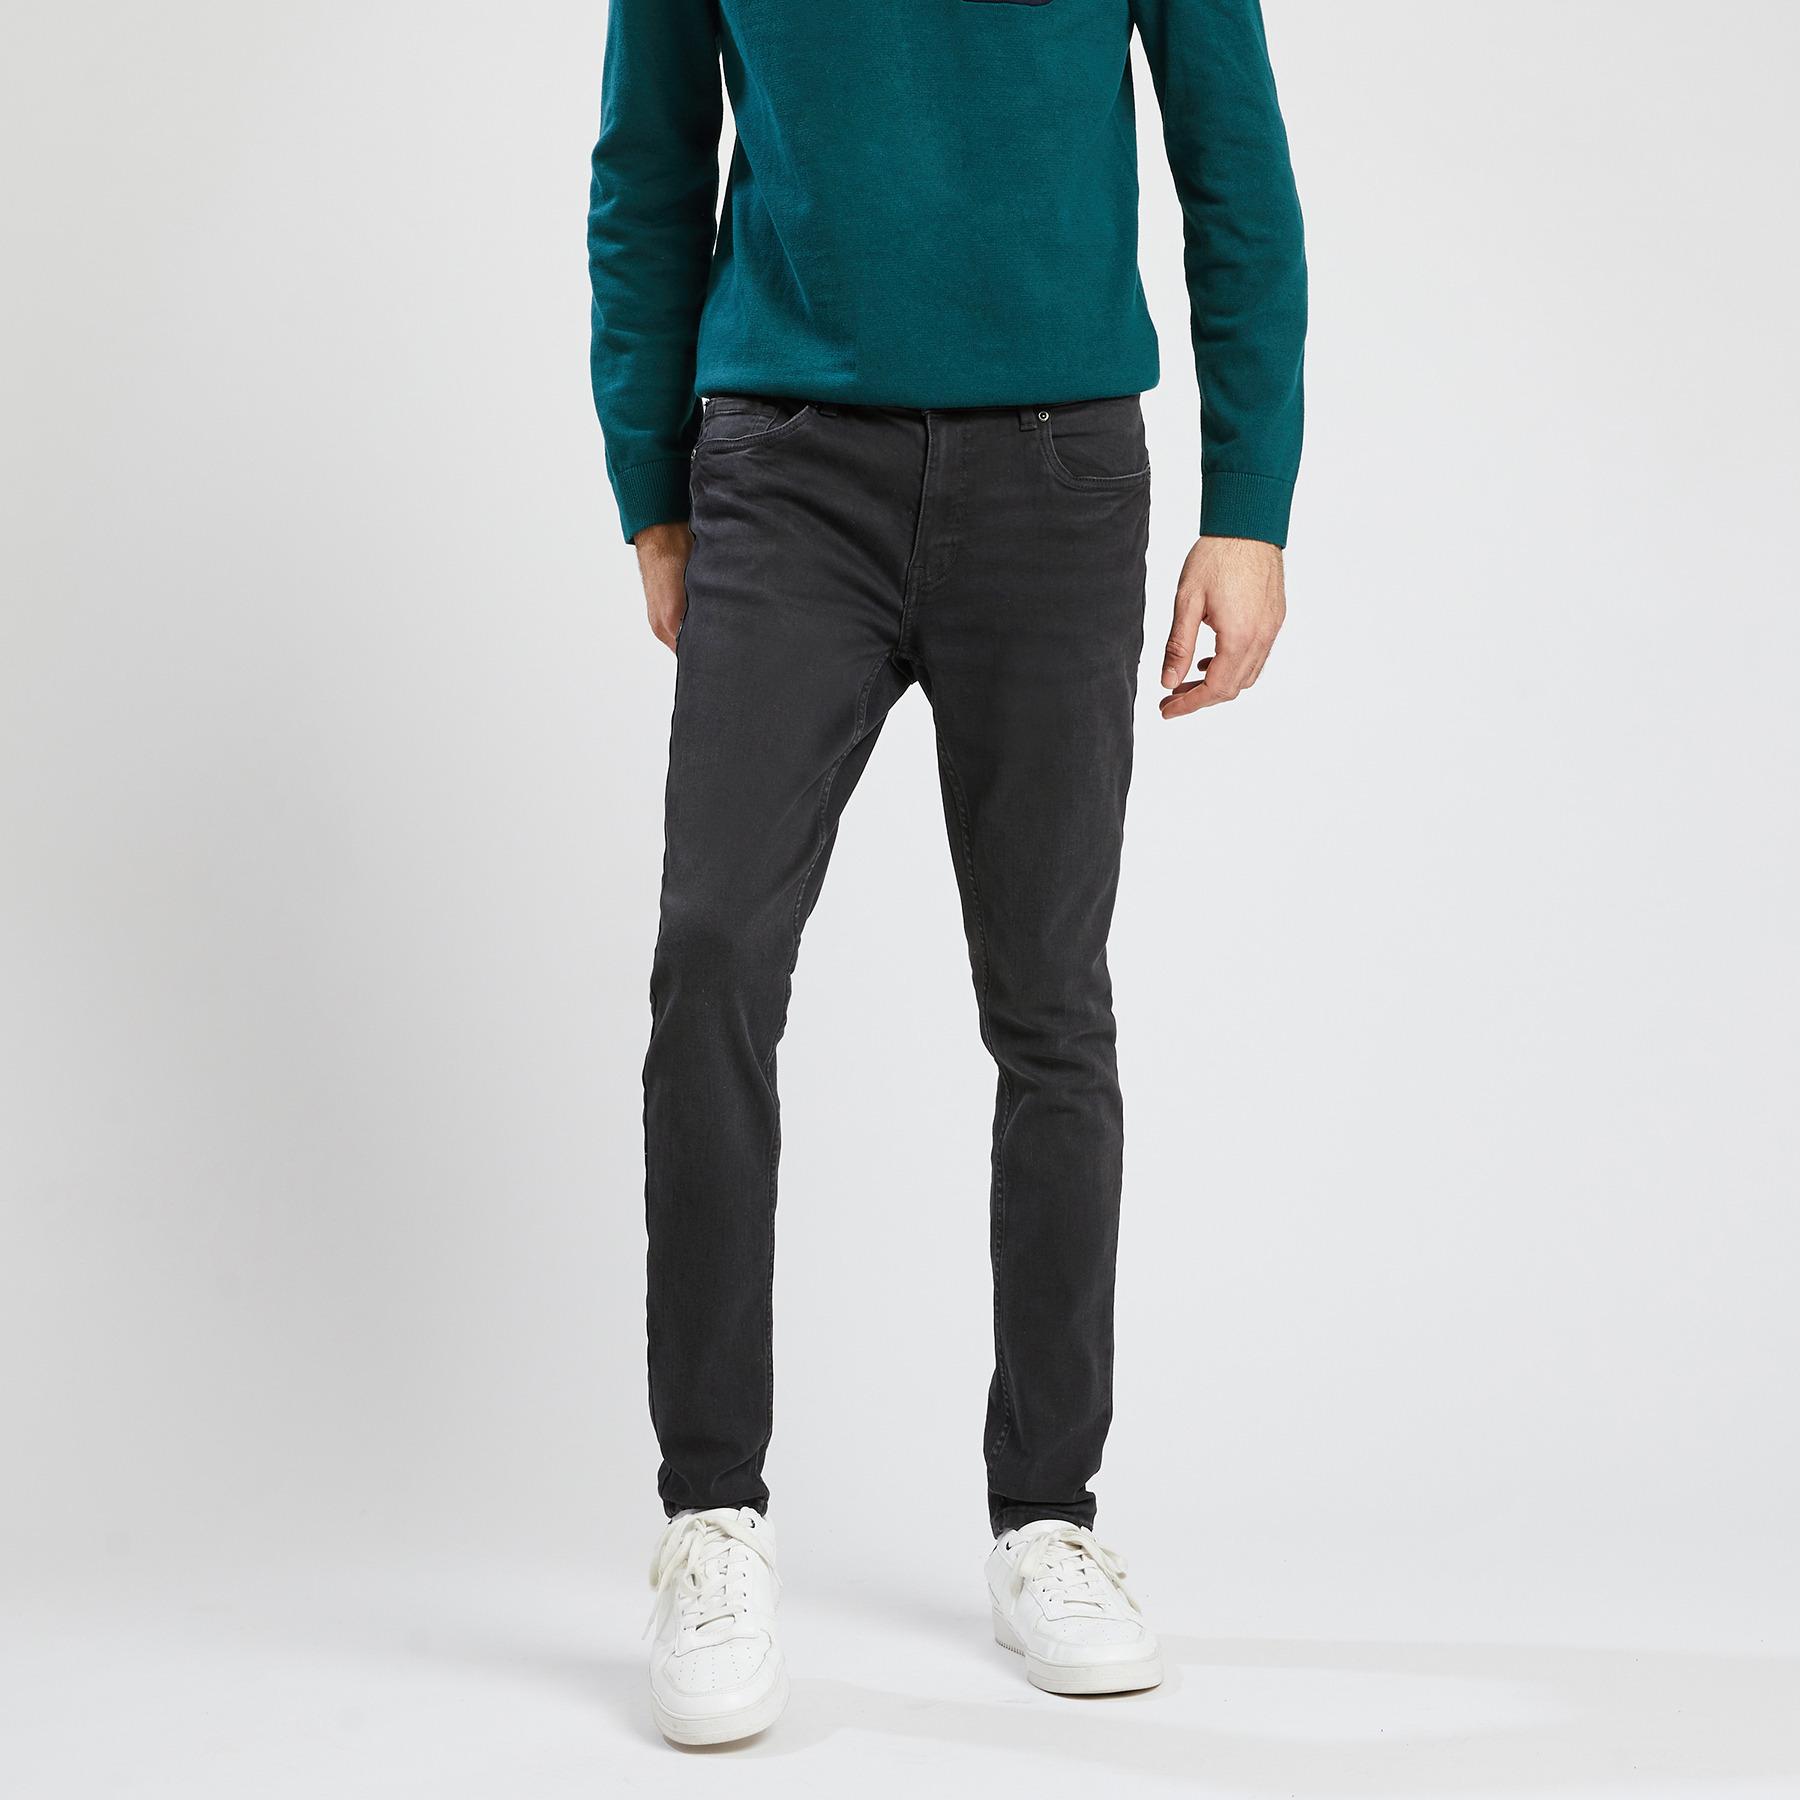 Jean skinny #Max  noir Noir Homme